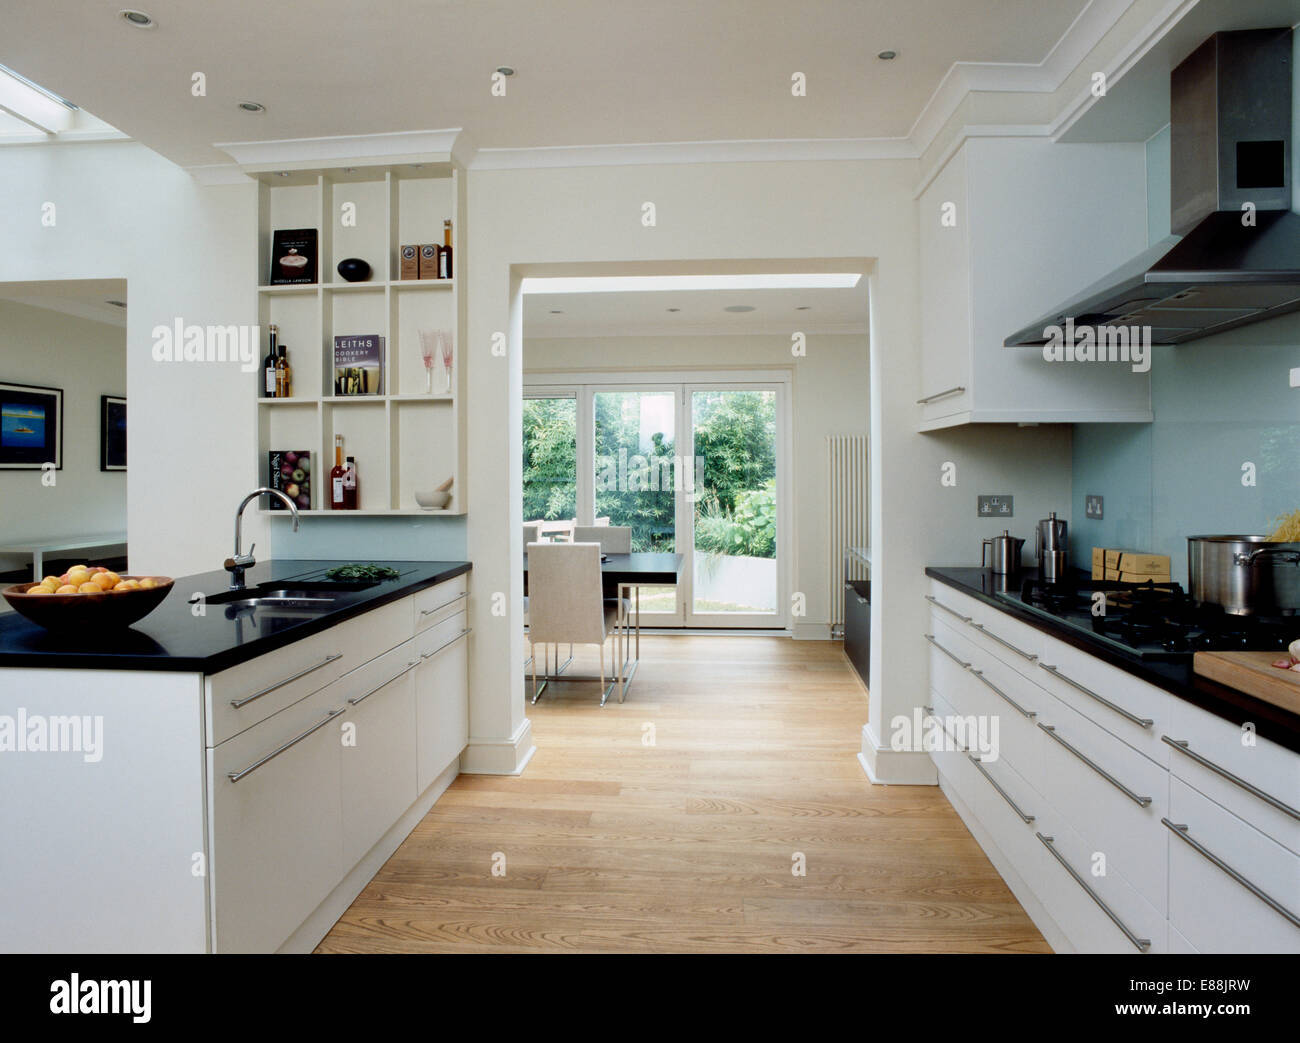 Suelos de madera en la gran cocina moderna con puerta al comedor y encimeras de granito negro sobre blanco unidades